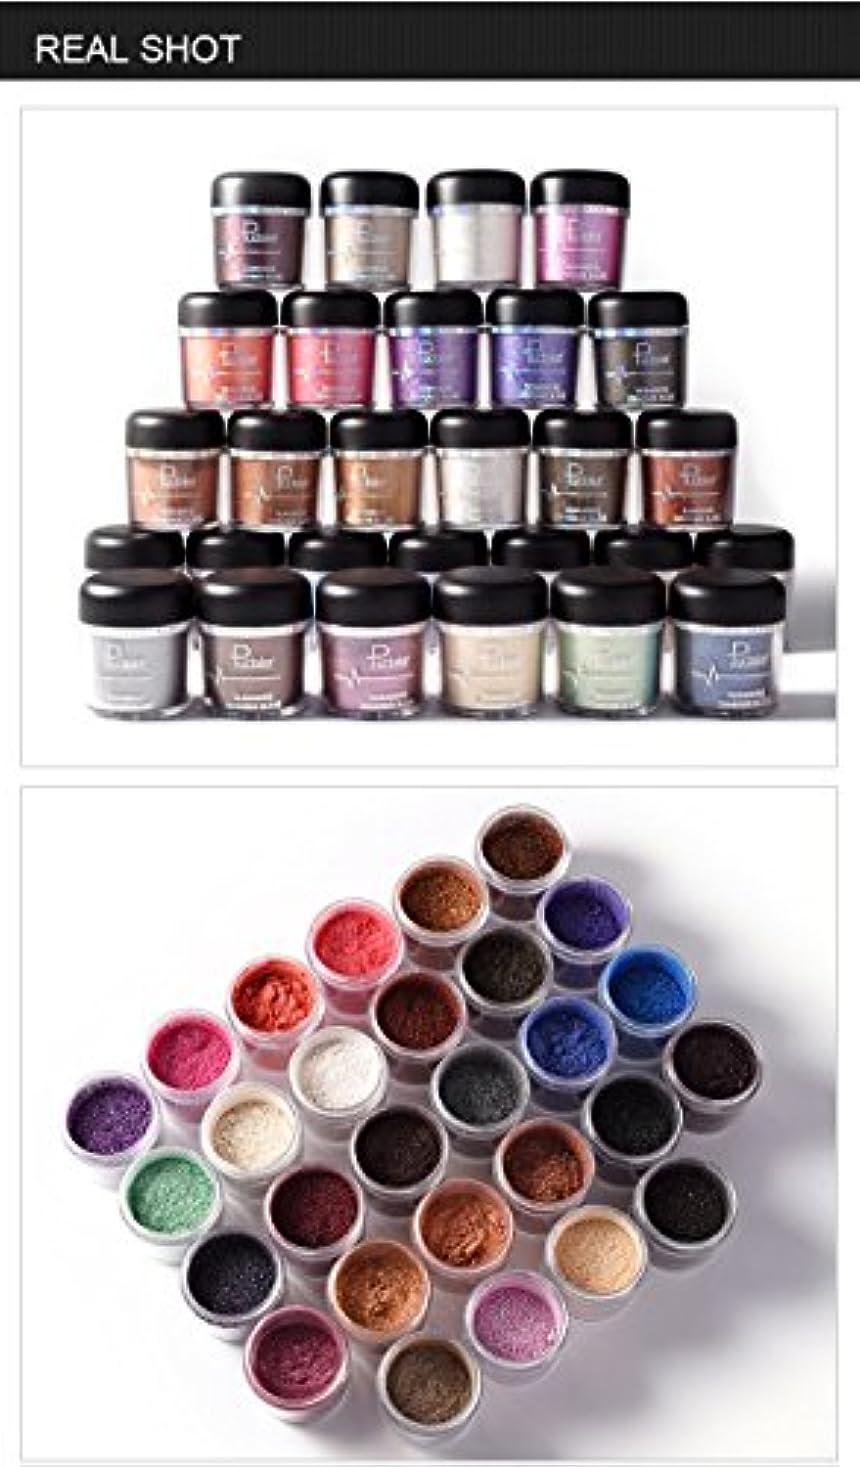 通知するアフリカ人爆弾(#09) Glitter Powder Eyeshadow Single Metallic Color Pigments Eye Shadow Easy to Wear Waterproof Shimmer Cosmetics